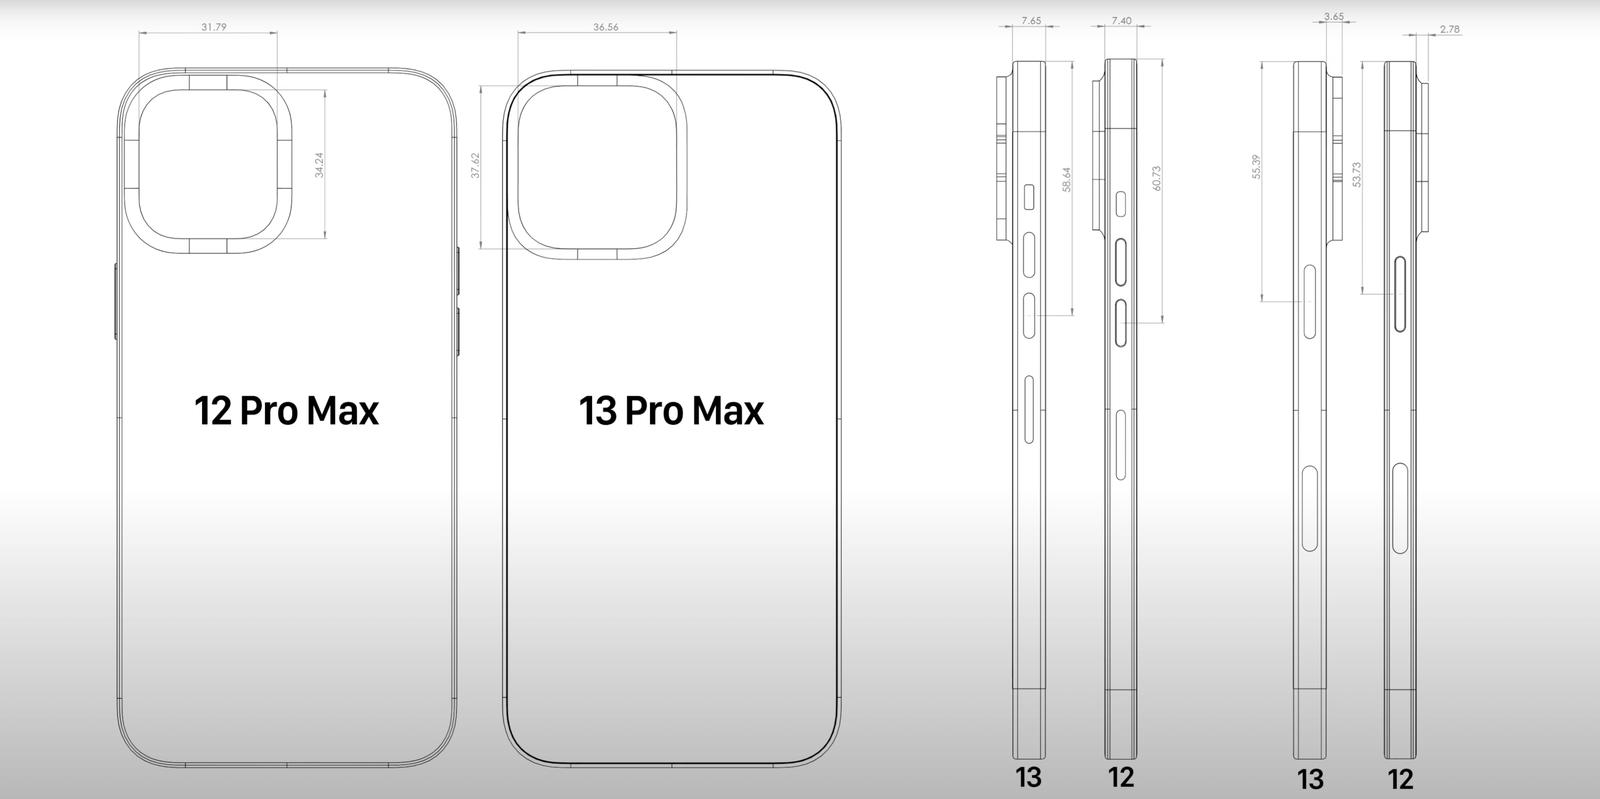 苹果 iPhone 13 Pro Max CAD 图泄露,详细尺寸曝光